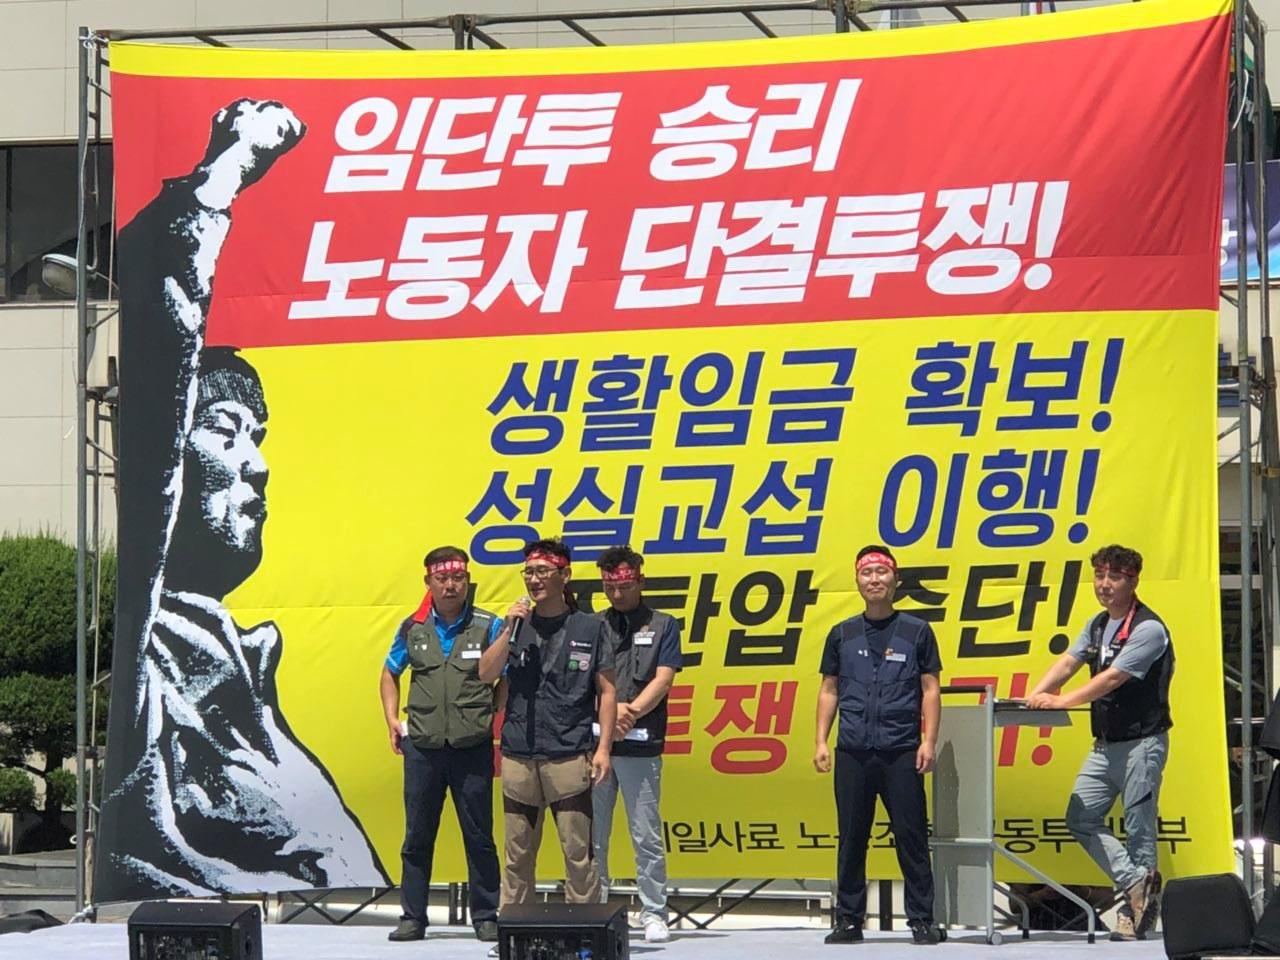 발언하고 있는 대표자들 한국노총과 민주노총이 함께 공동투쟁본부를 구성하고 파업투쟁에 나선 제일사료 노동조합